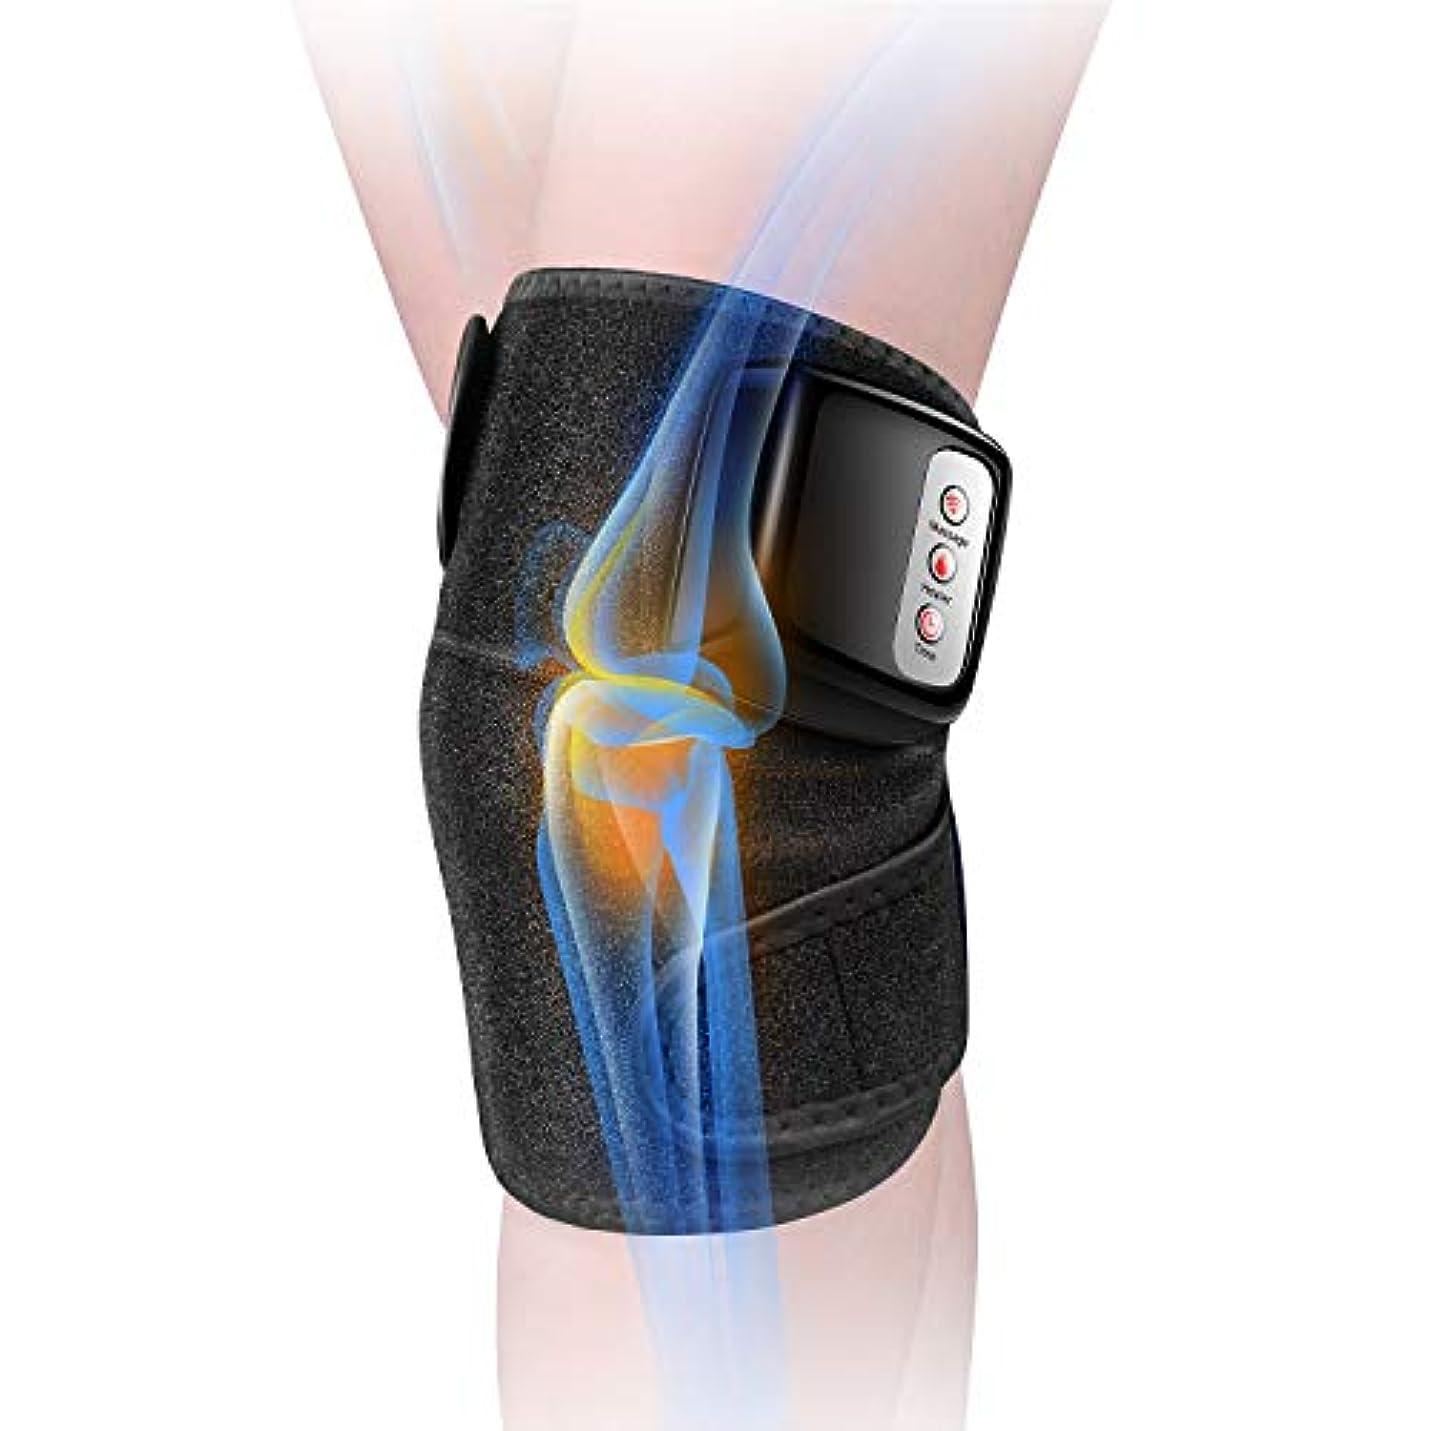 落花生申請者不適当膝マッサージャー 関節マッサージャー マッサージ器 フットマッサージャー 振動 赤外線療法 温熱療法 膝サポーター ストレス解消 肩 太もも/腕対応